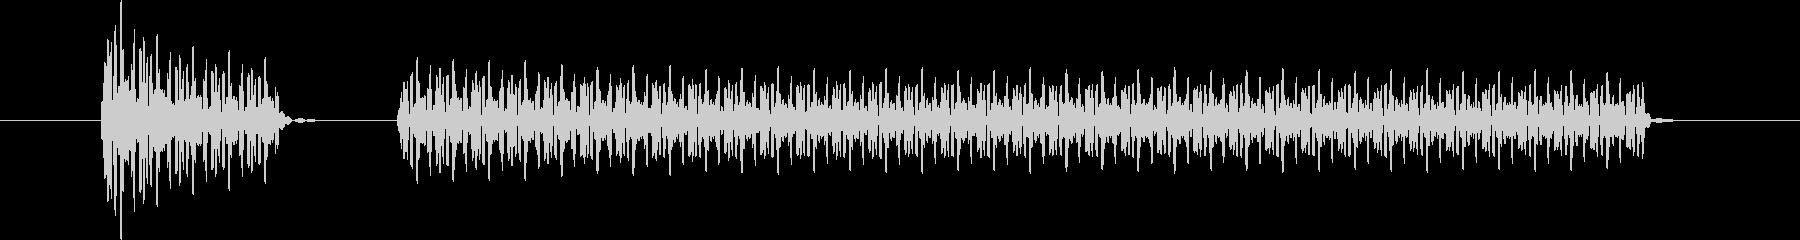 ブブー②(クイズ・不正解・ブザー音)の未再生の波形